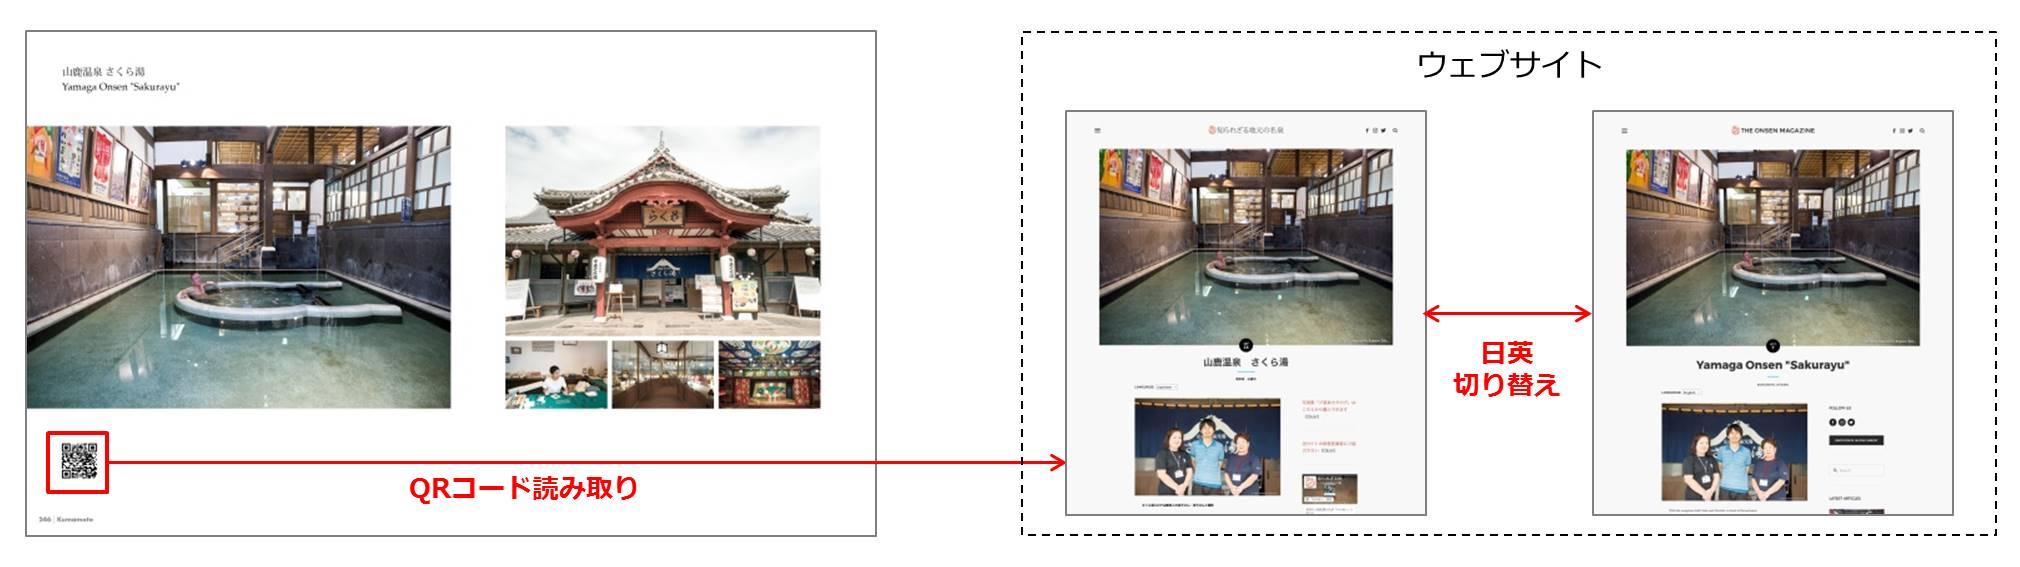 「ジ温泉カタログ(九州編)」とウェブサイトとの連携イメージ